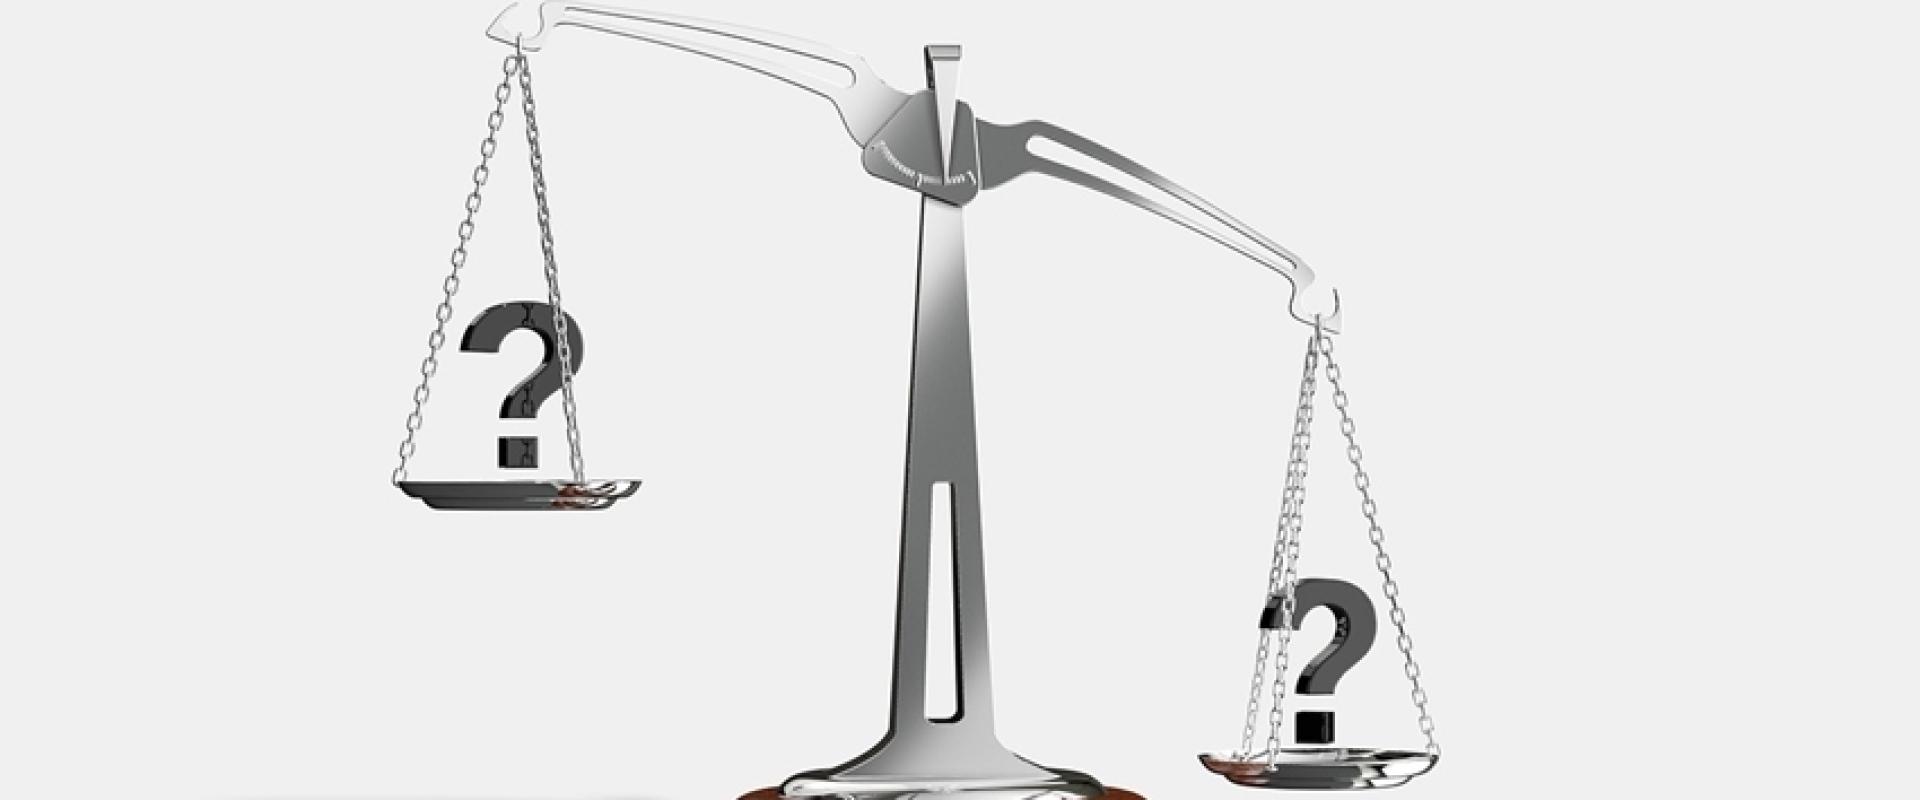 Hypotheekadviseur vergelijken: kijk verder dan de prijs alleen